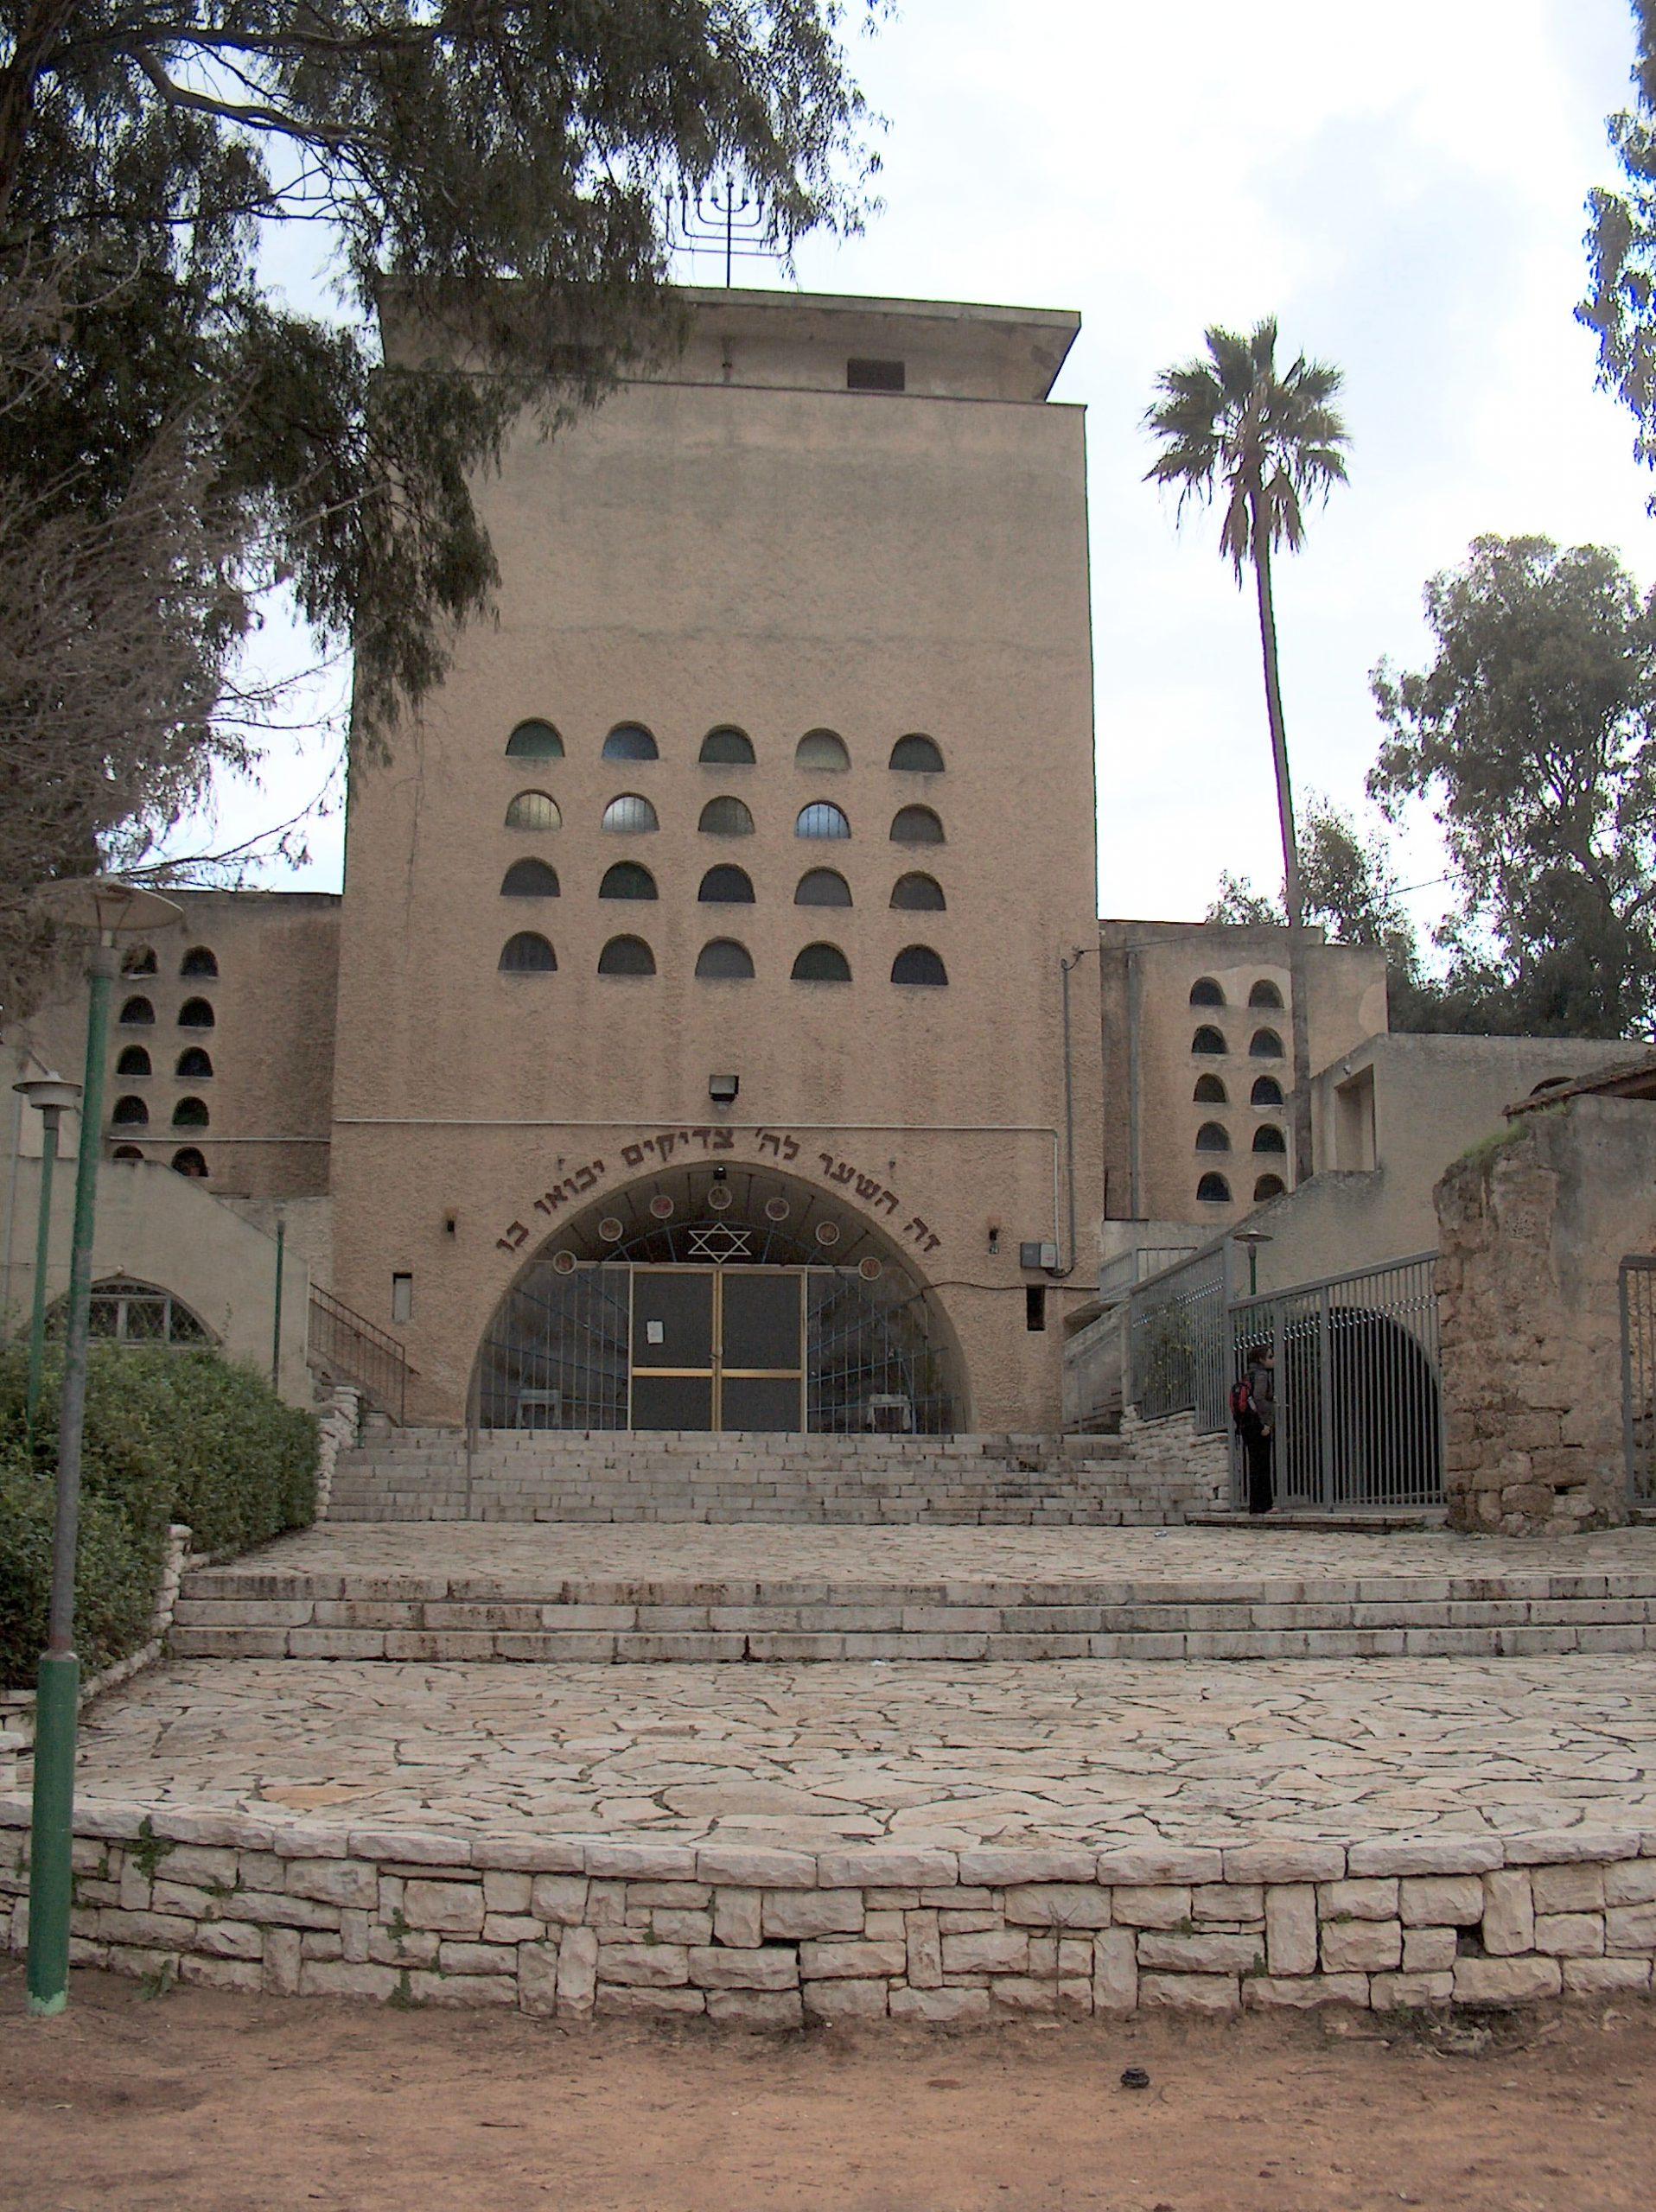 בית הכנסת הגדול בחדרה שנבנה בתוך שטחי החאן.